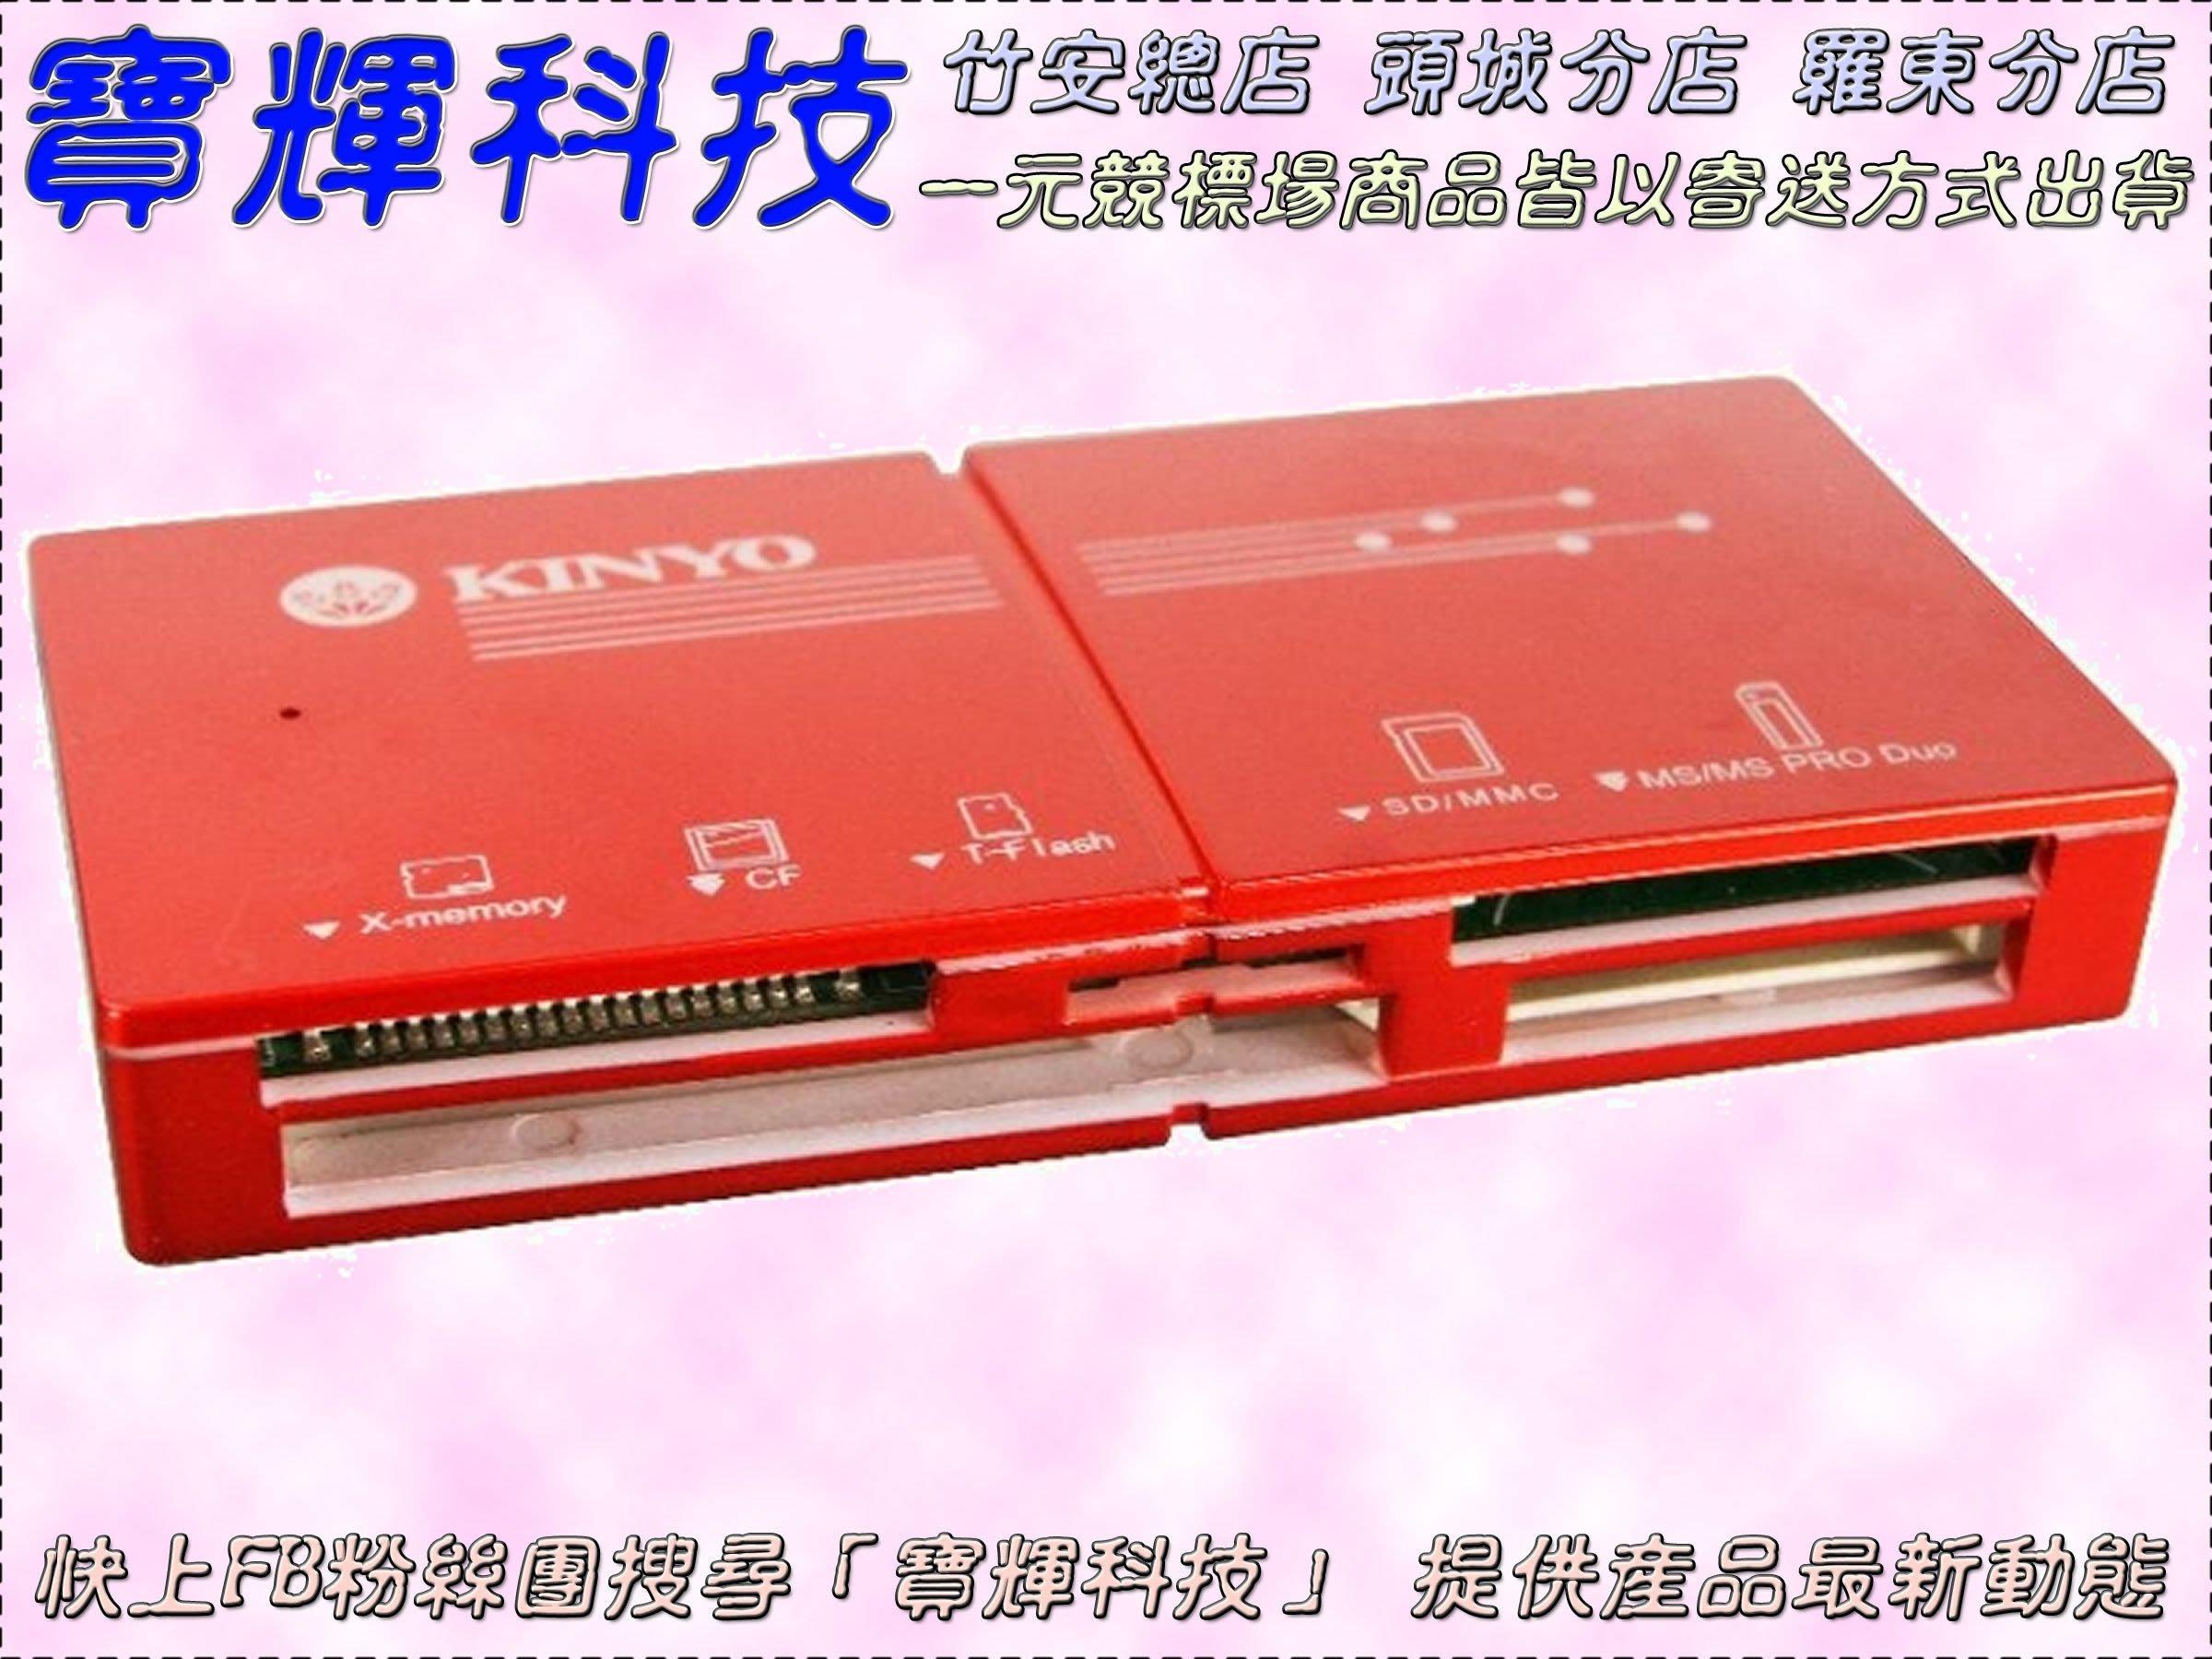 {寶輝科技@頭城店}(耐嘉KINYO KCR-360/USB 3.0 極速輕薄讀卡機/超輕薄機身/5卡槽/下殺399元)